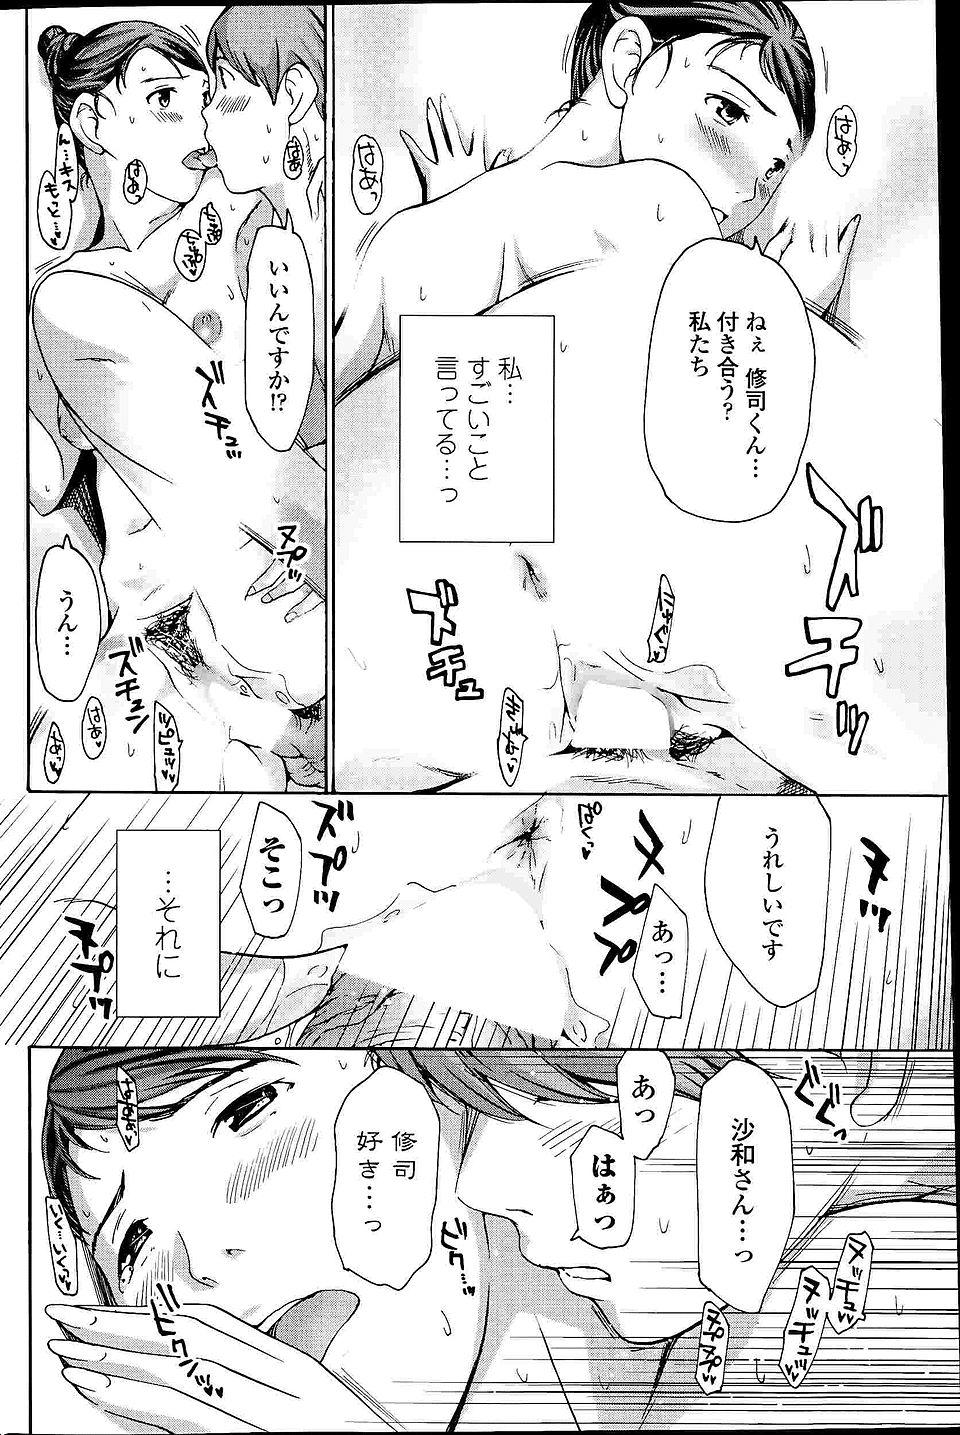 【エロ漫画・エロ同人】年上女が可愛い年下男とエッチしてグイグイ来られてるwセフレくらいに考えてたらセックスする度に惹かれていっちゃうンゴwww (18)